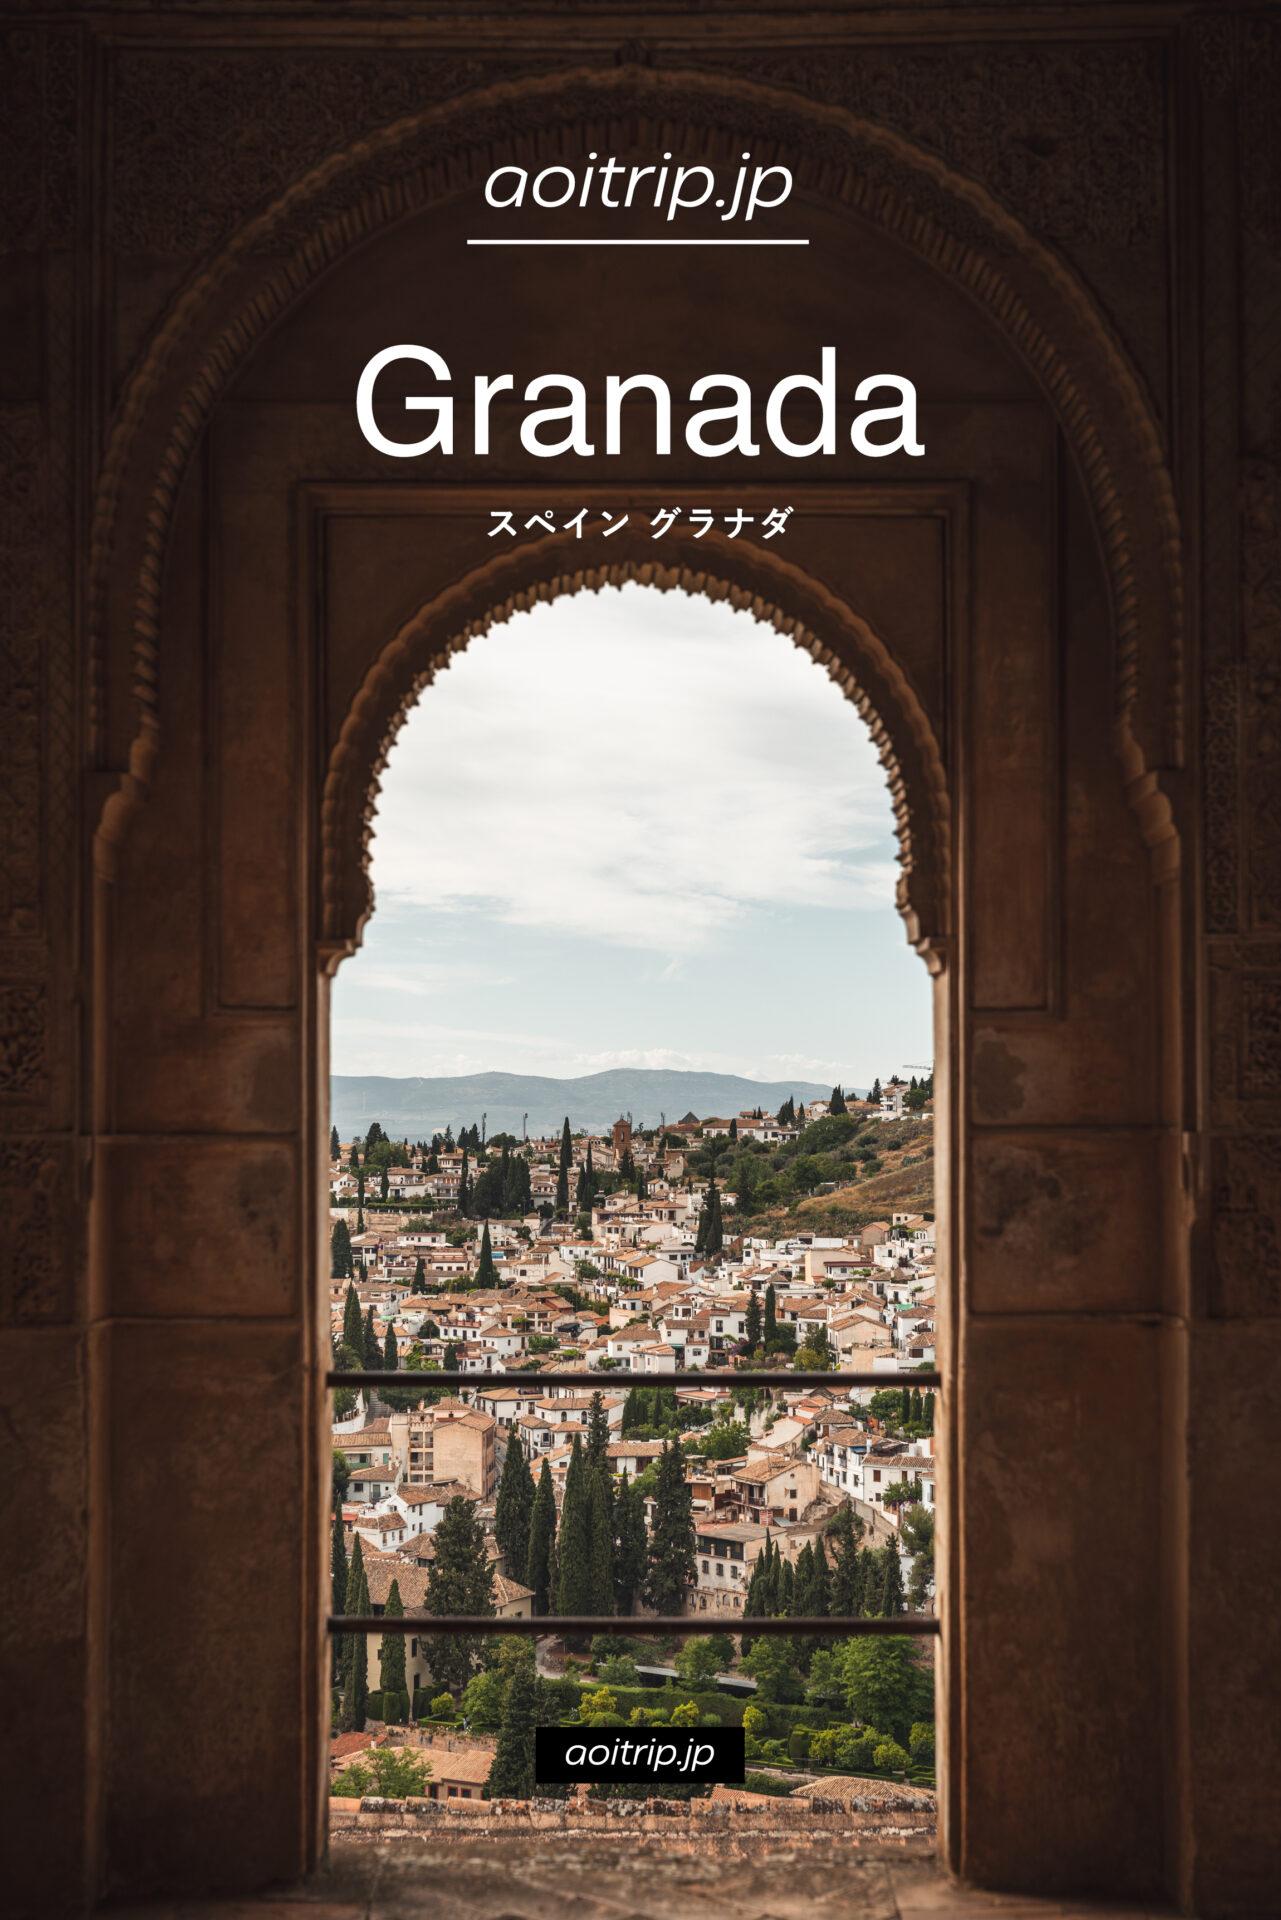 スペイン グラナダ観光の見どころ 旅行ガイド|Granada Travel Guide